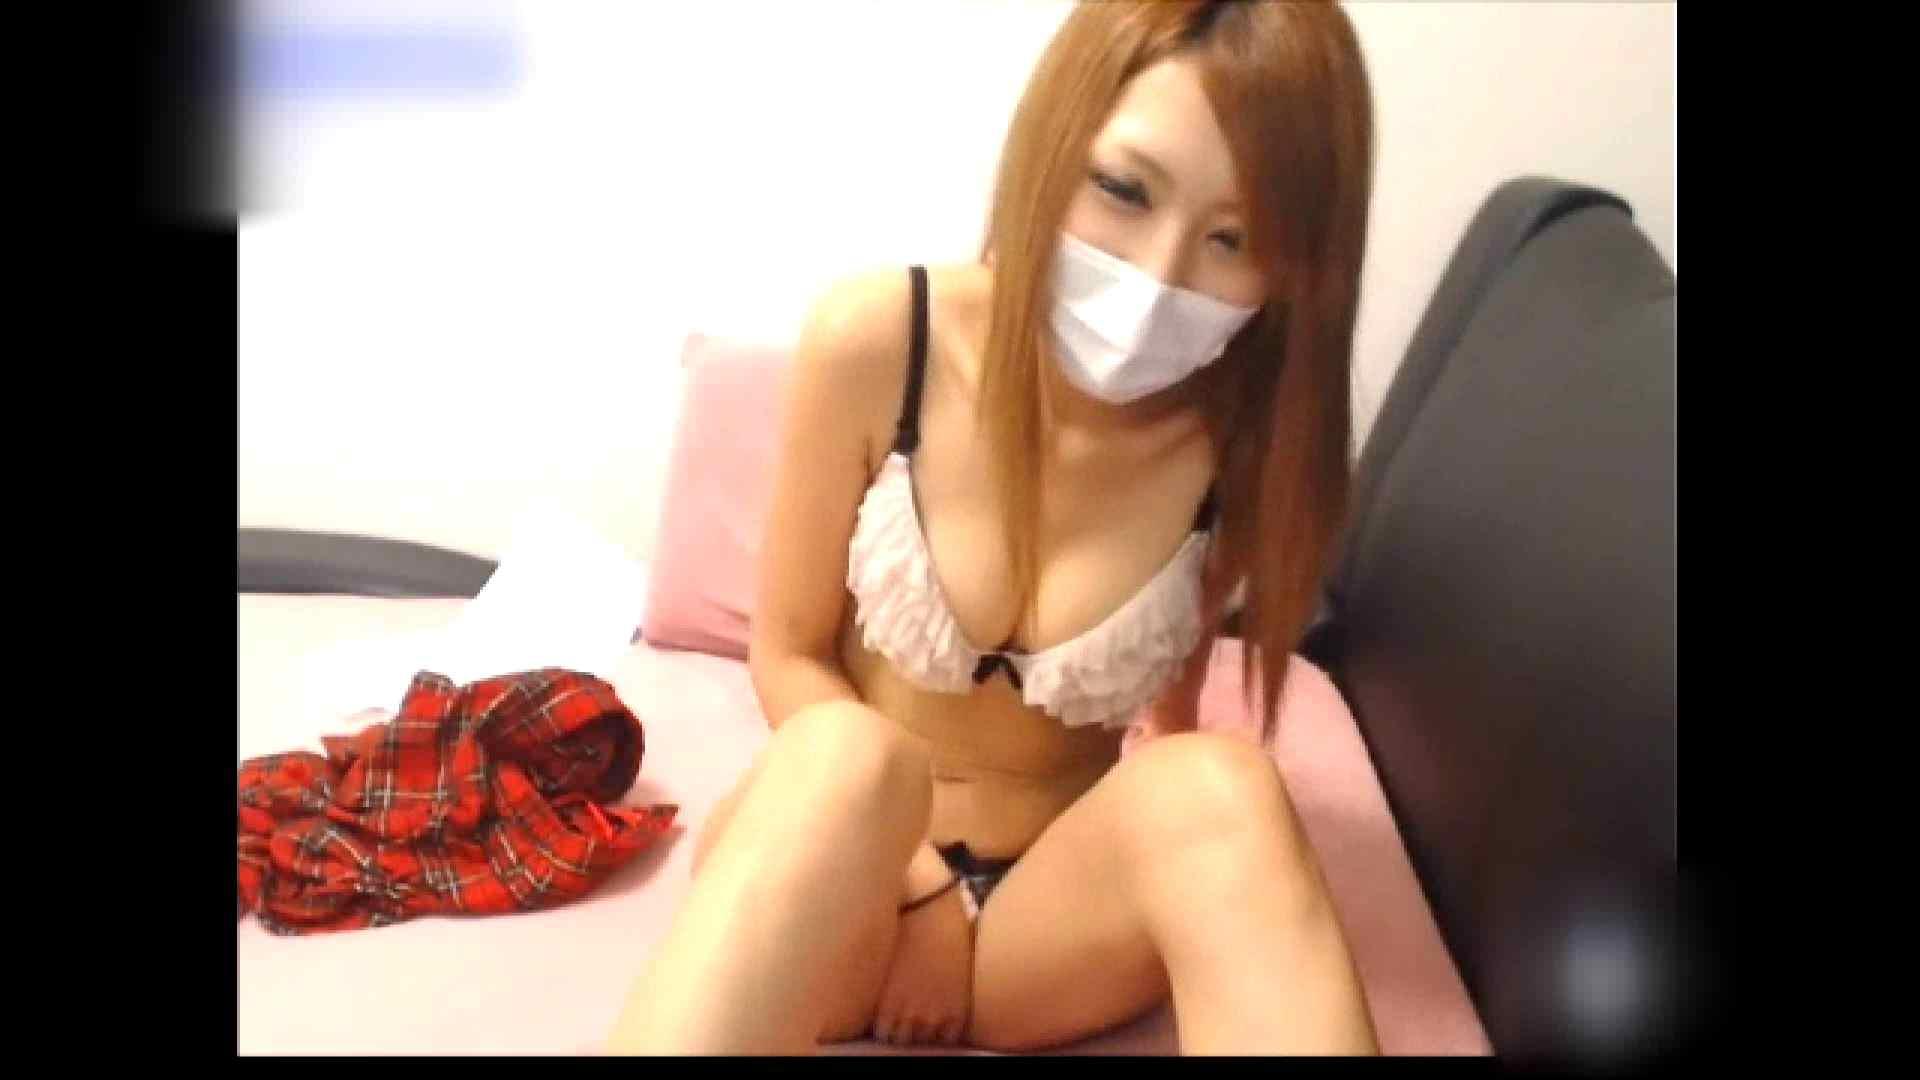 アッと驚くハメ五郎 Vol.05 OL   美女達のヌード  73連発 23